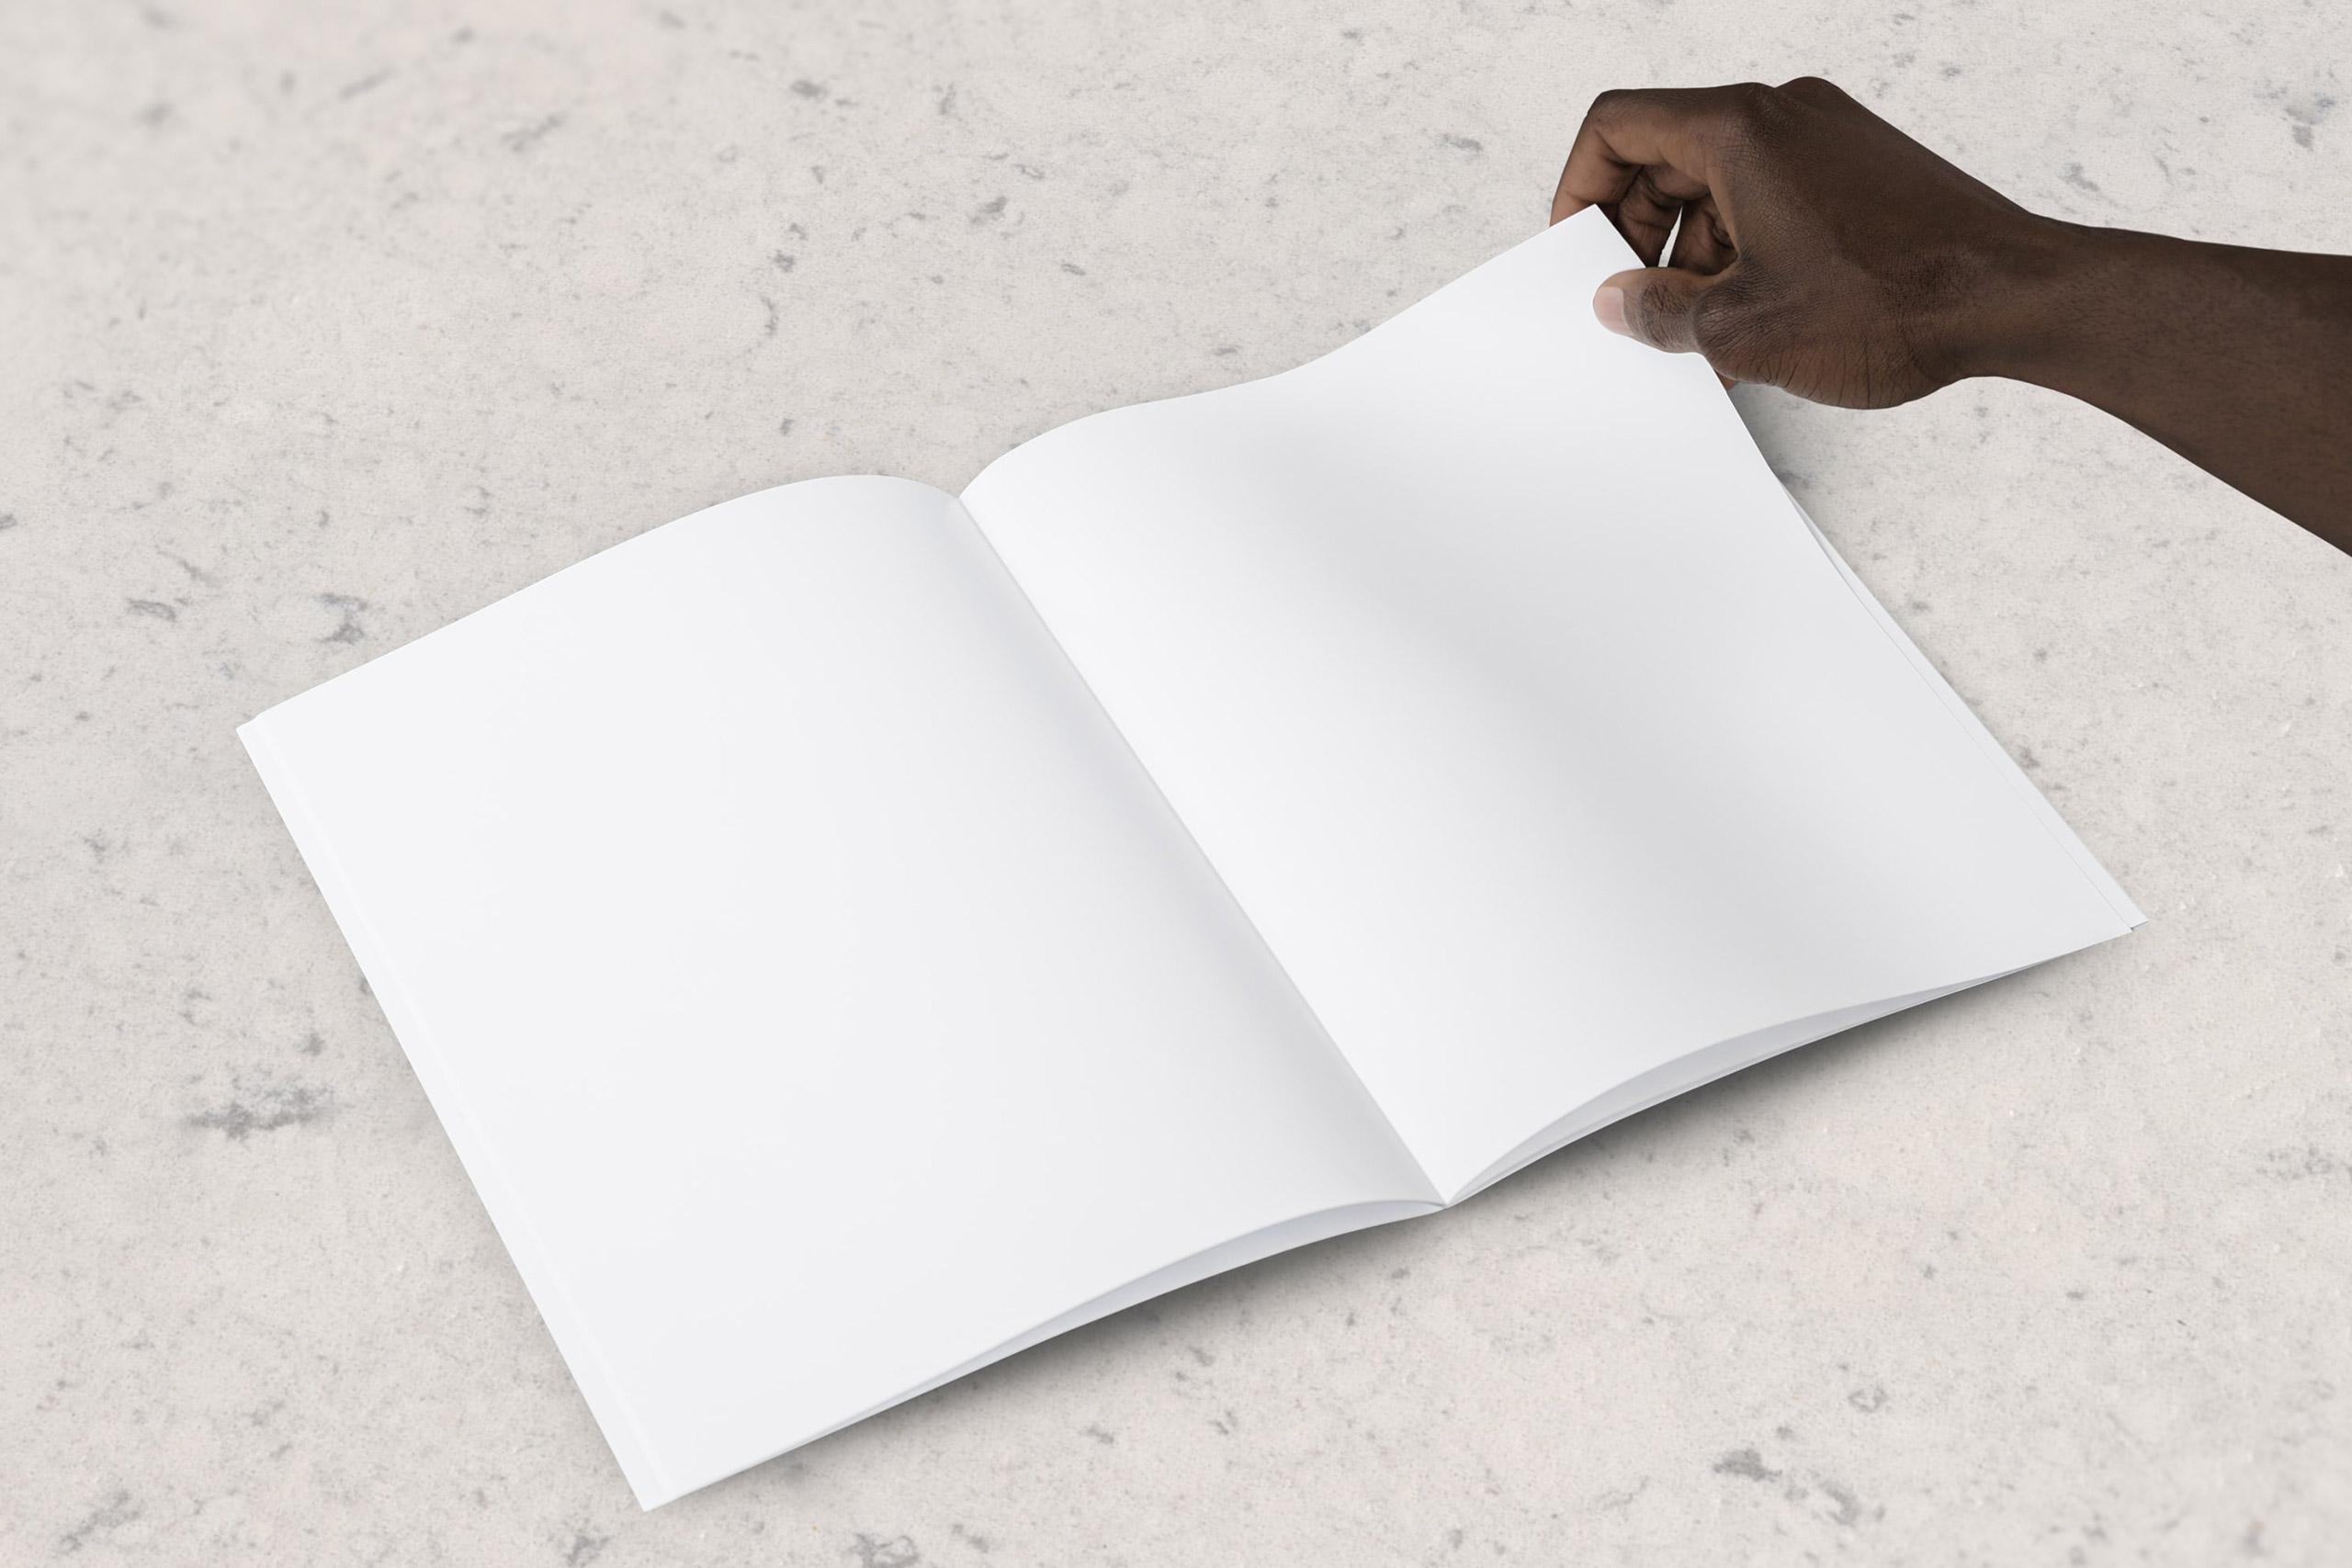 caleido diary progetto editoriale innovativo